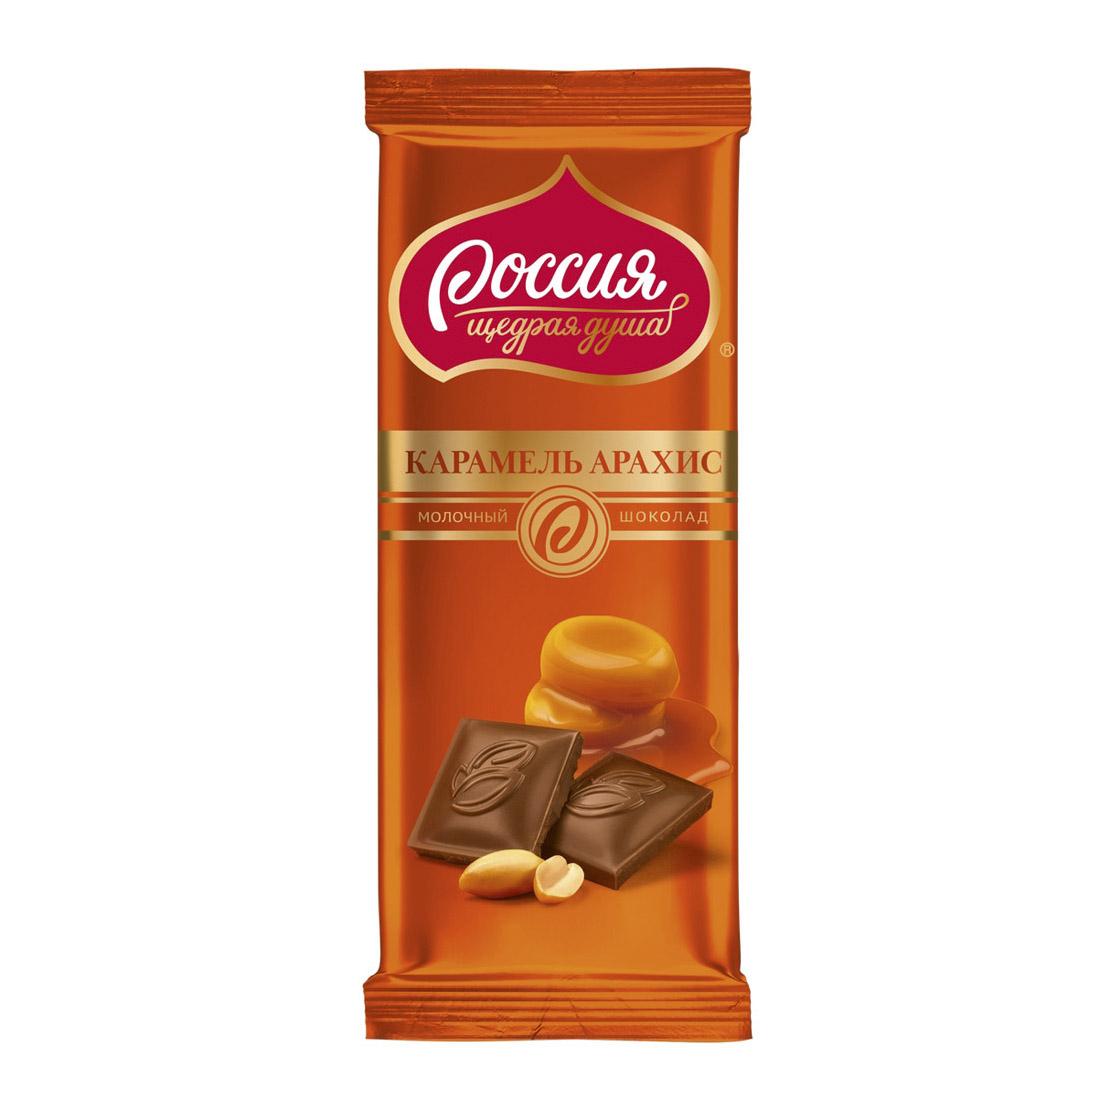 шоколад россия щедрая душа молочный белый пористый 82 г Шоколад молочный Россия щедрая душа карамель-арахис 90 г